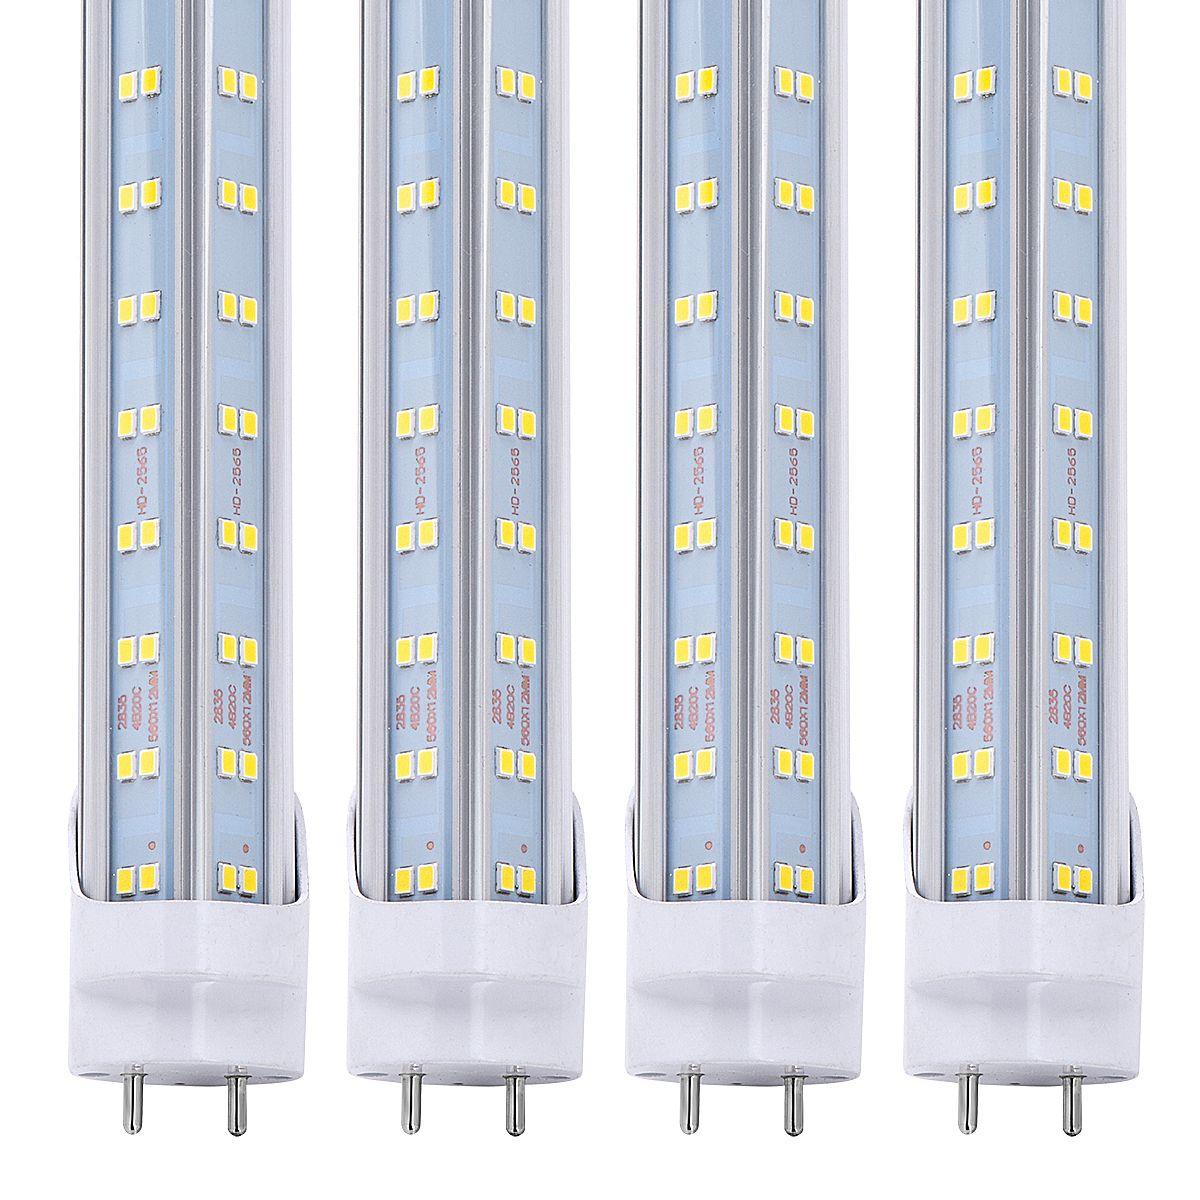 4ft LED Ampul Işık 4 Ayaklar LED Tüp 60W T8 Floresan Işık 6000K Soğuk Beyaz Fabrika Toptan 60W led dükkan ışık V Şeklinde